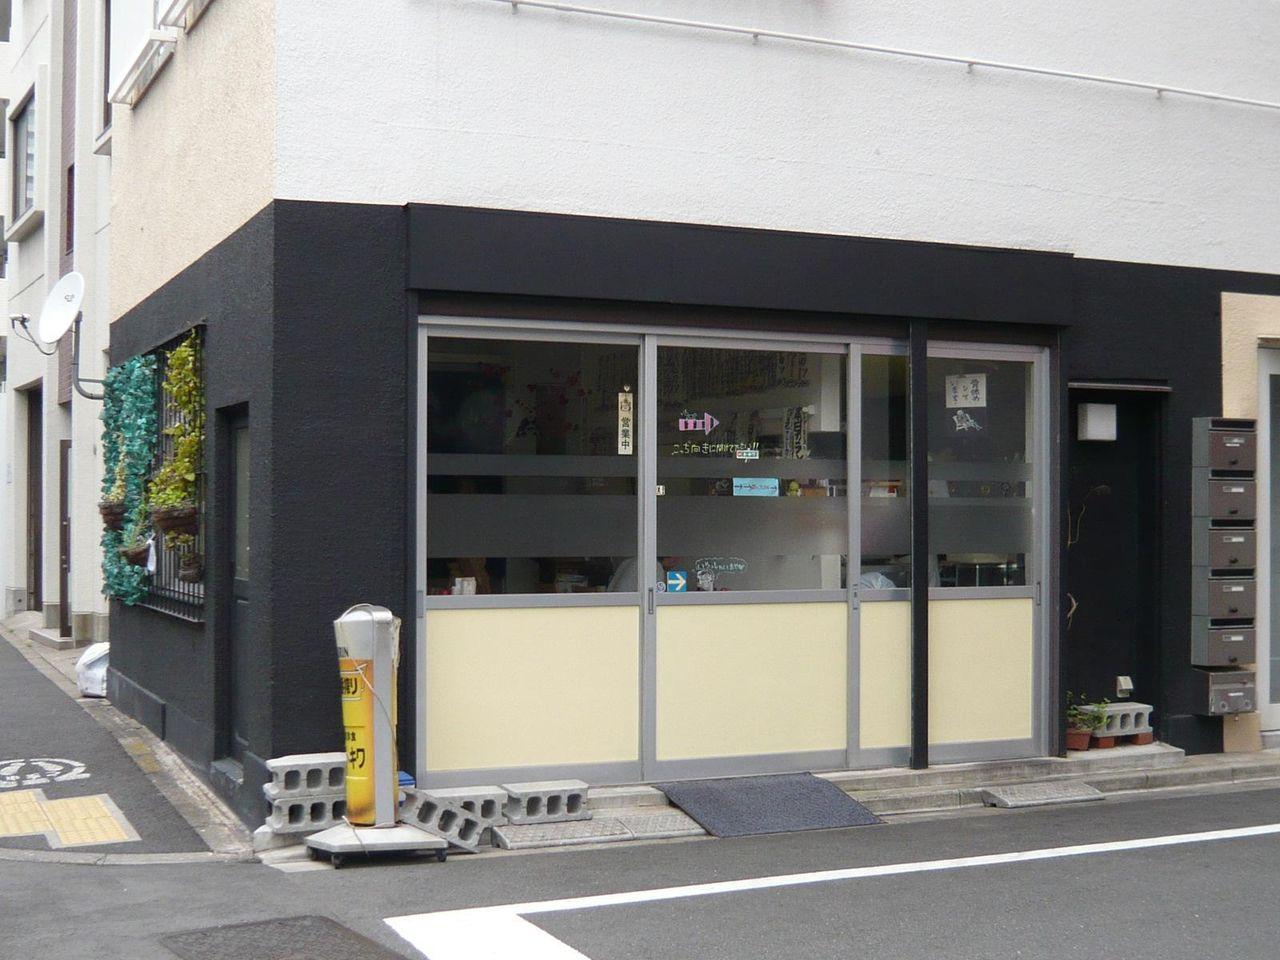 下町のA級洋食店「キッチントキワ」